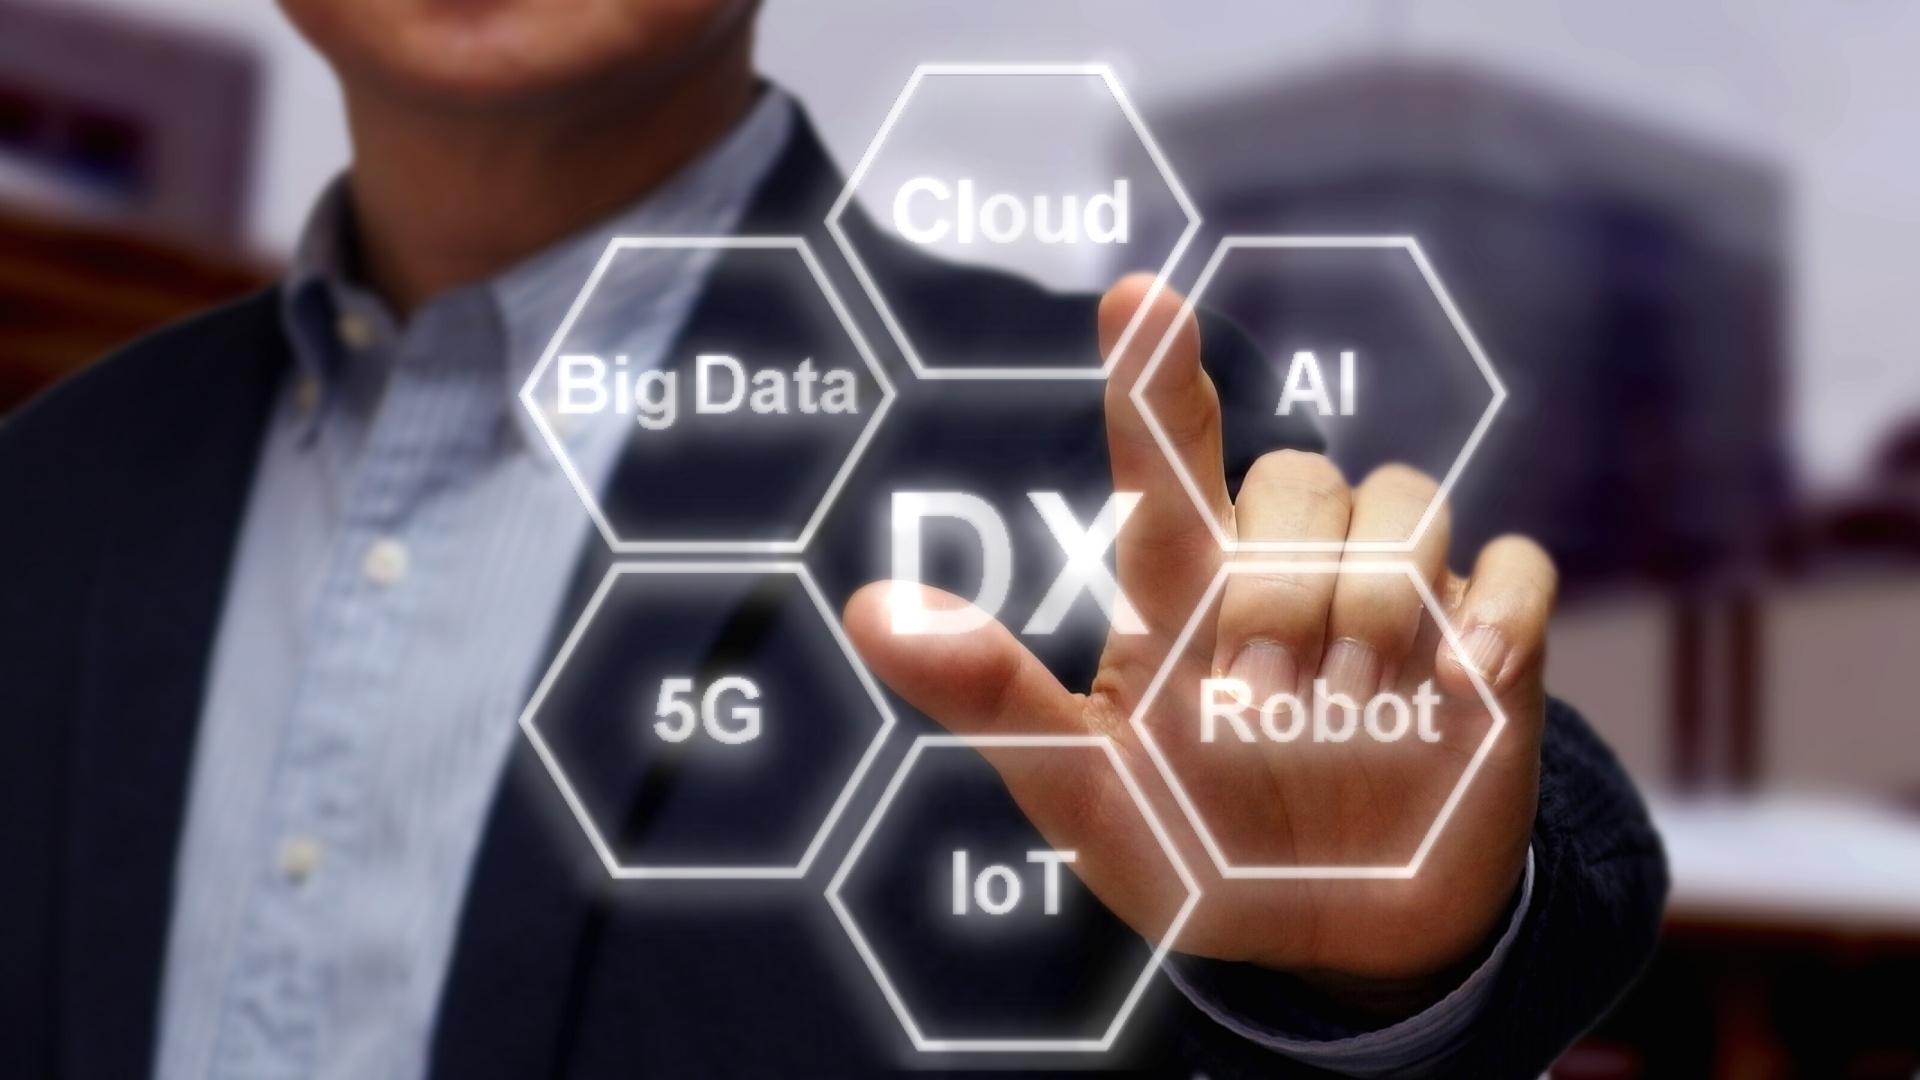 営業DXを実現するためのソリューション